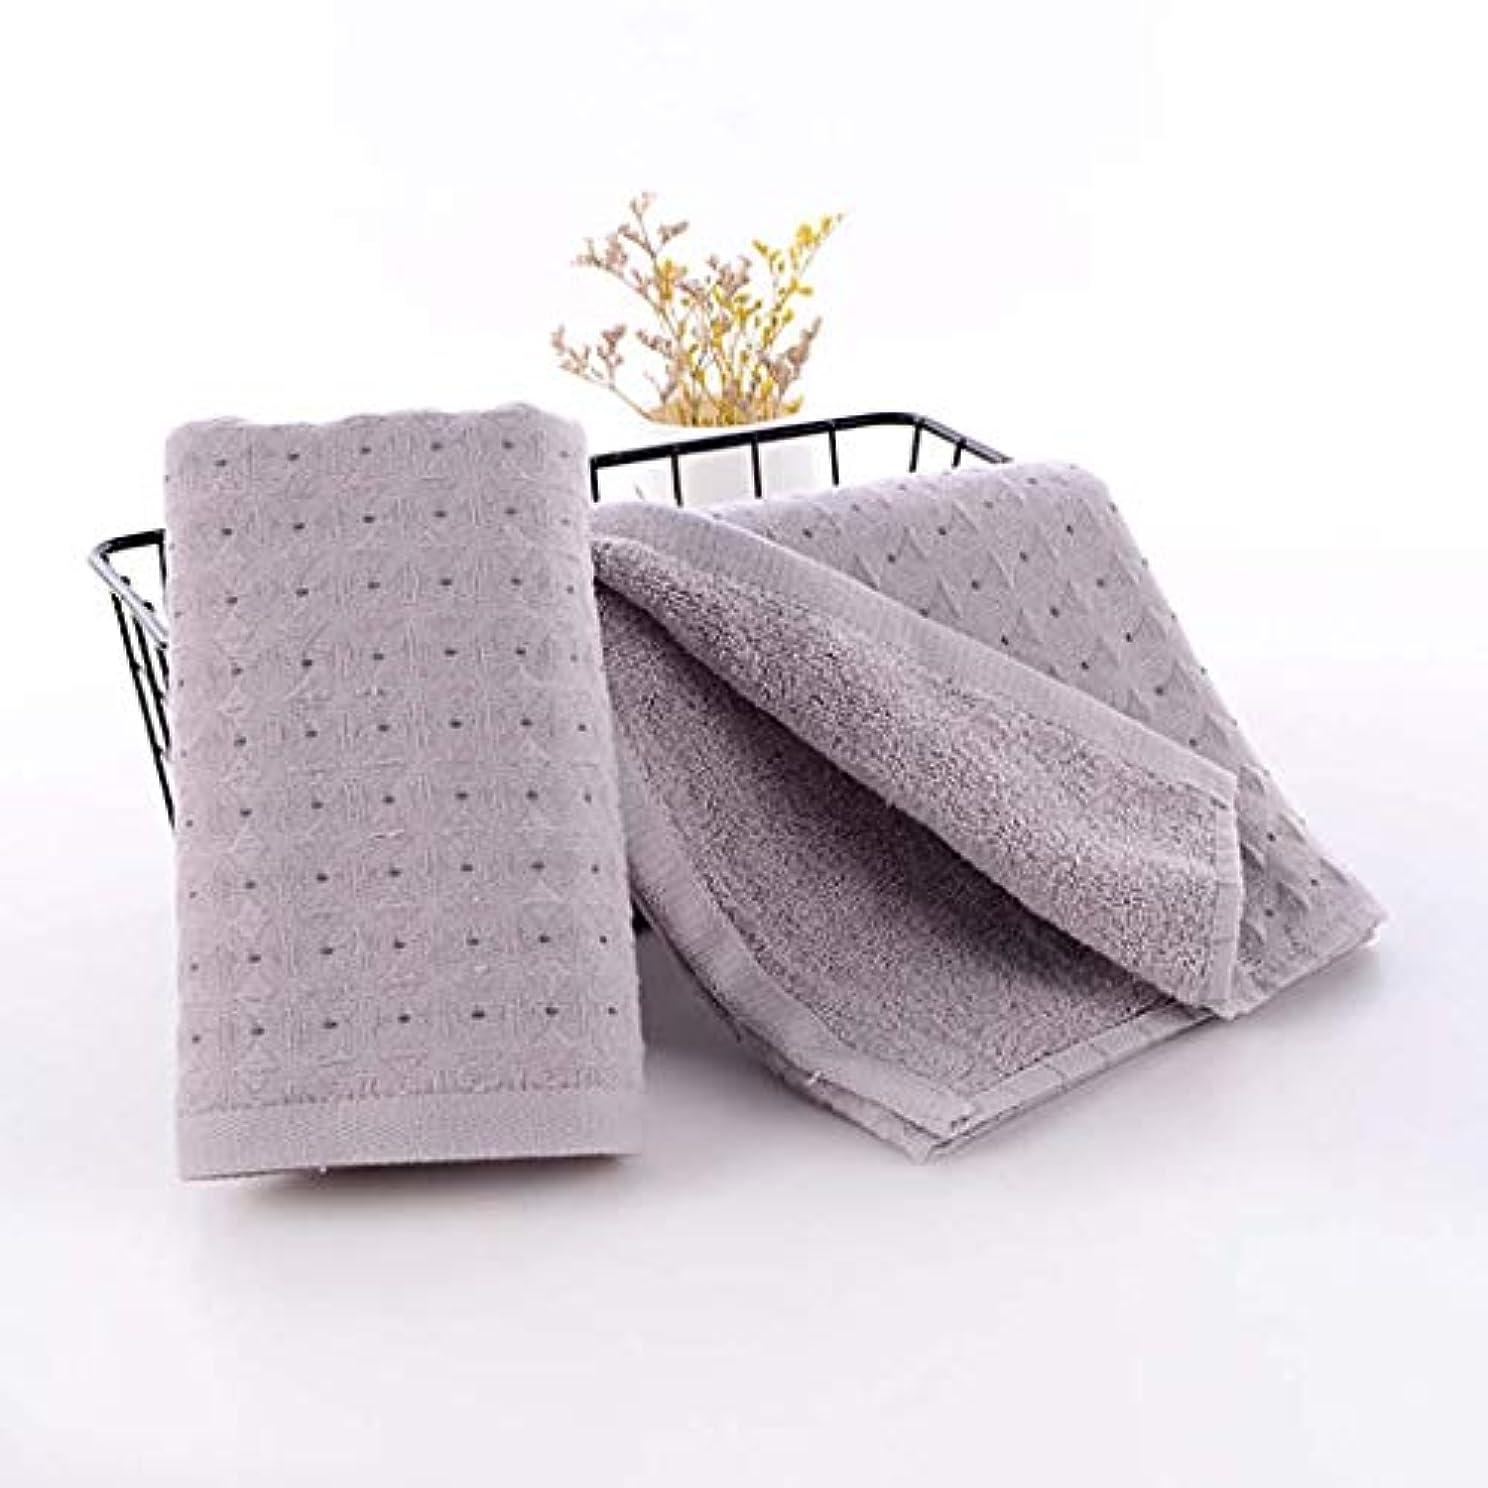 綿のハンドタオルの速い乾燥したタオルの速い乾燥したタオル,Gray,34*75cm